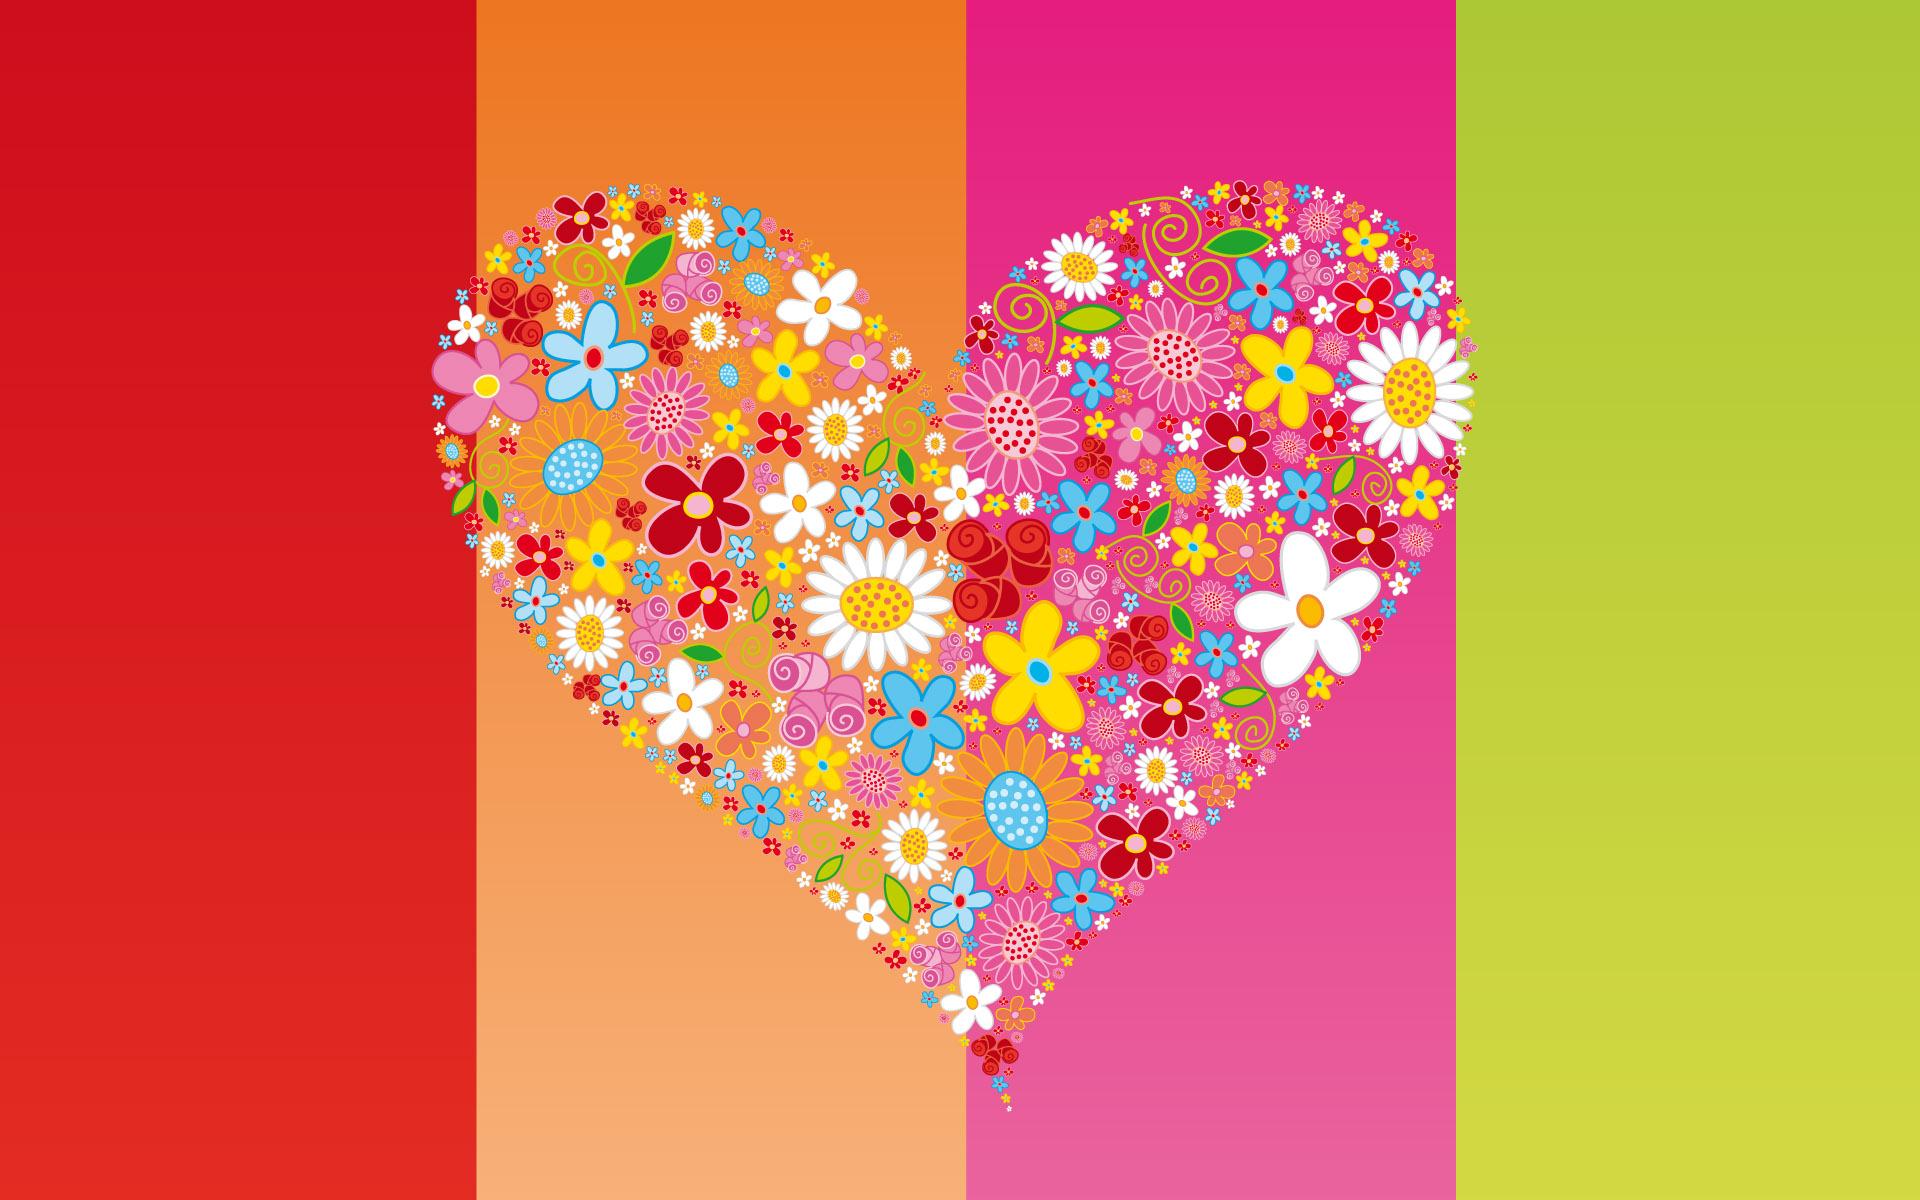 Интересные картинки к дню святого валентина, картинки